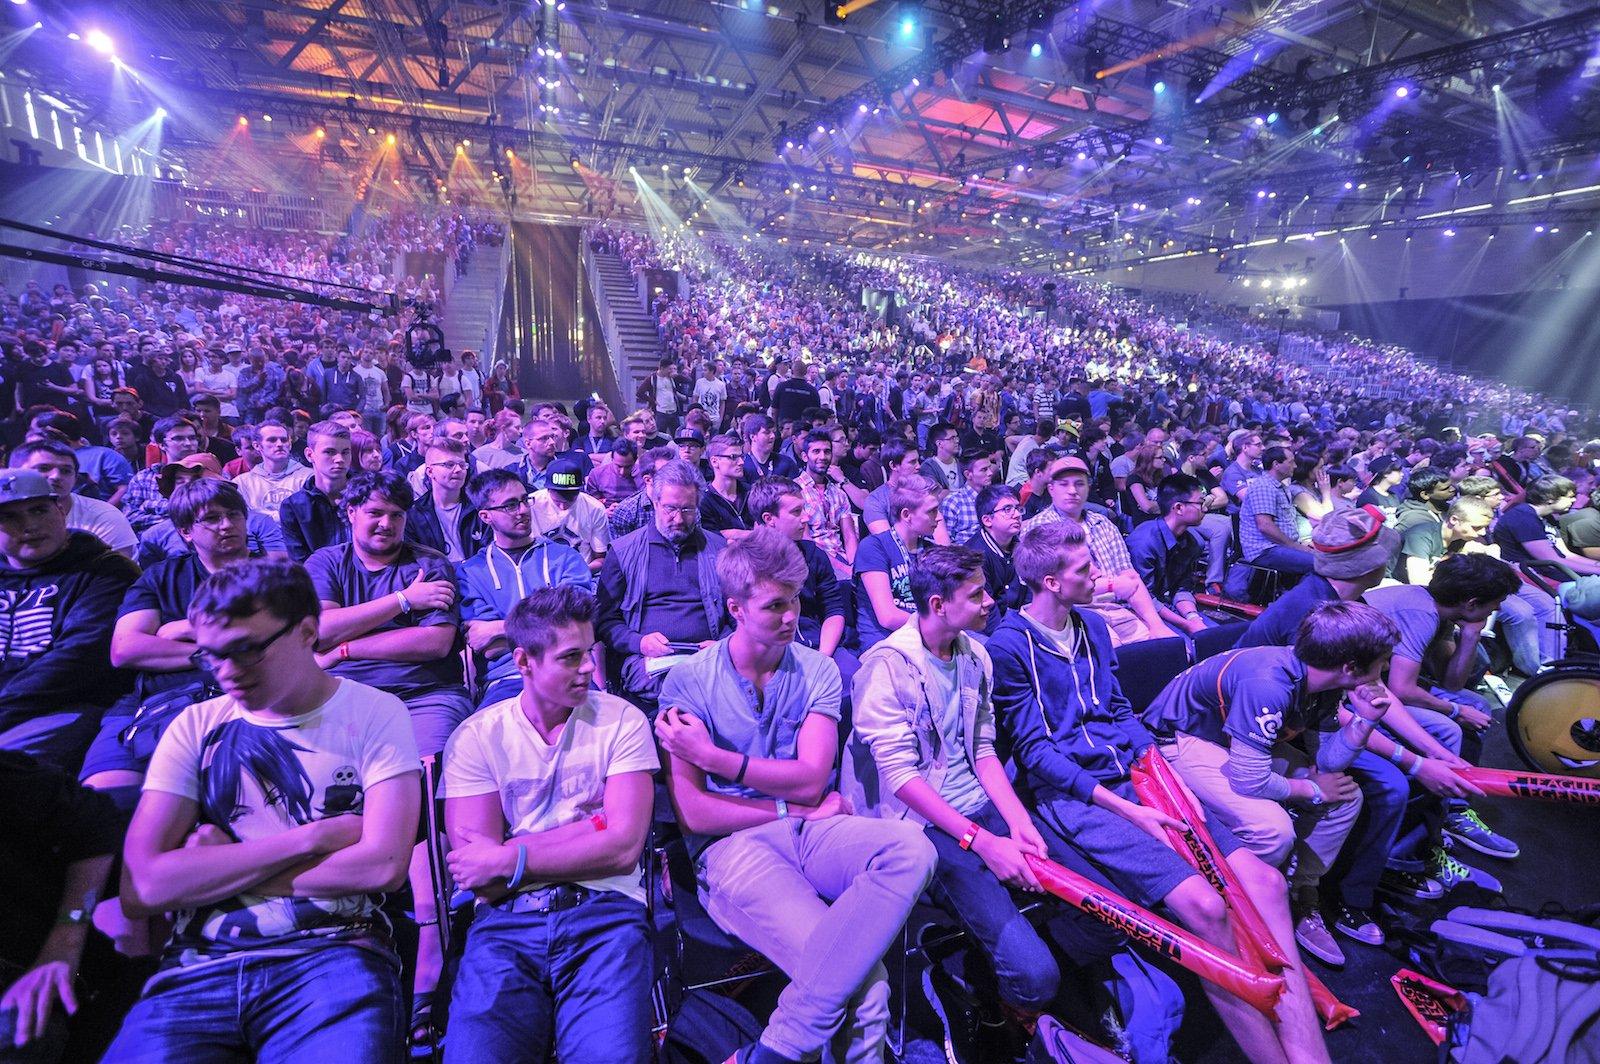 Kein einziger freier Stuhl mehr: Das wird wohl auch in diesem Jahr bei den Events auf der Gamescom so sein.